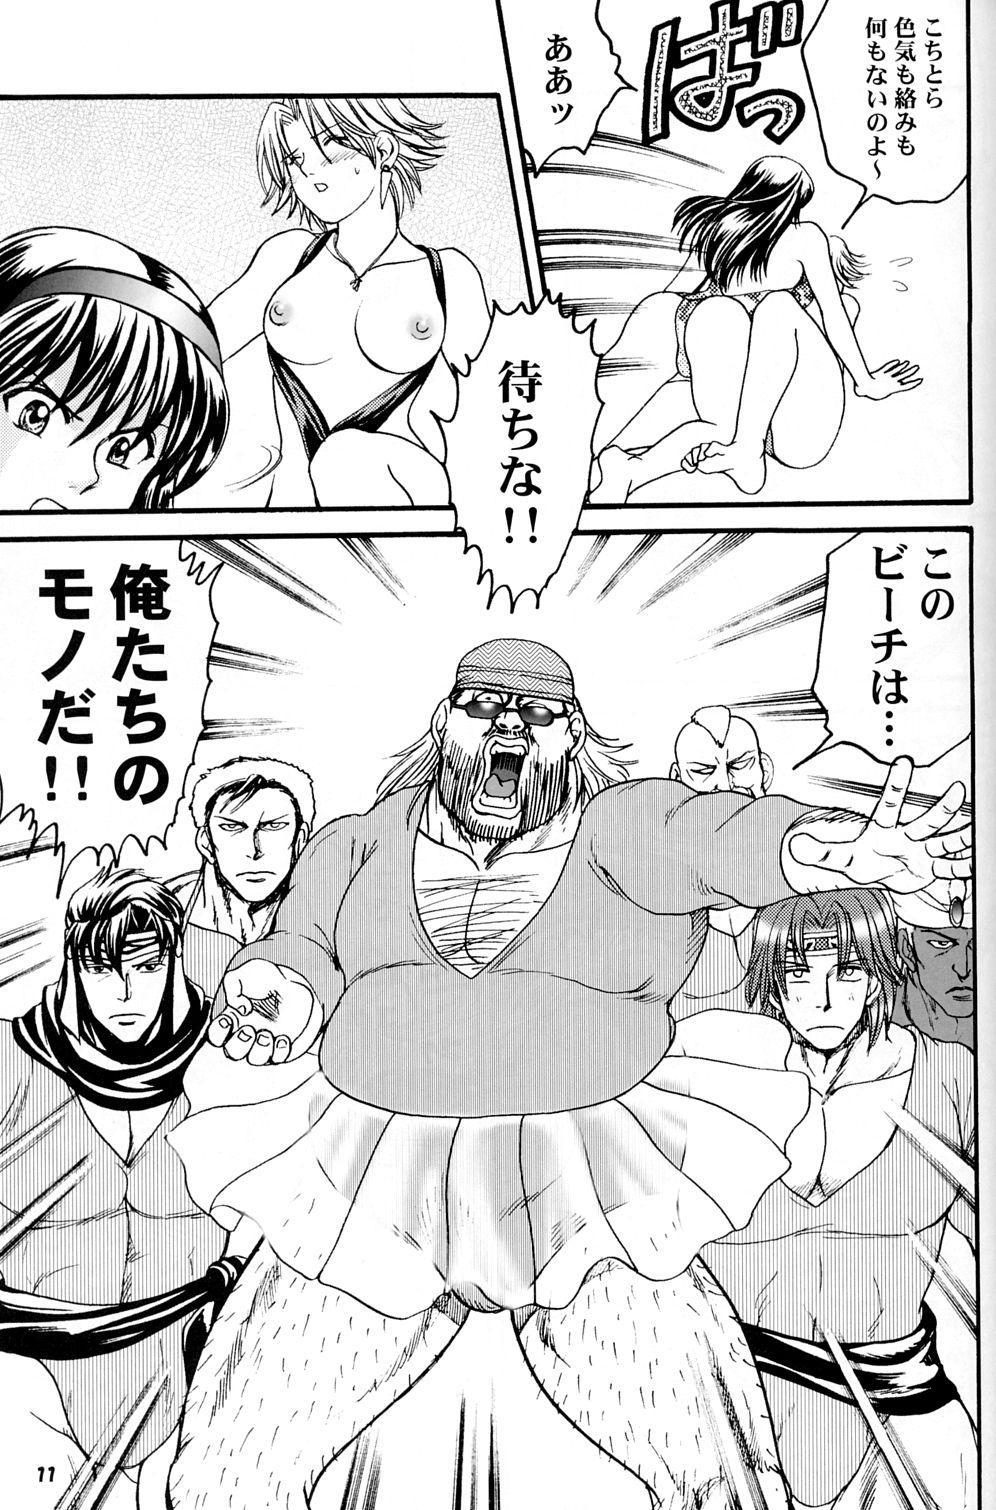 Gokujou desu yo! - It's XTREME! 9